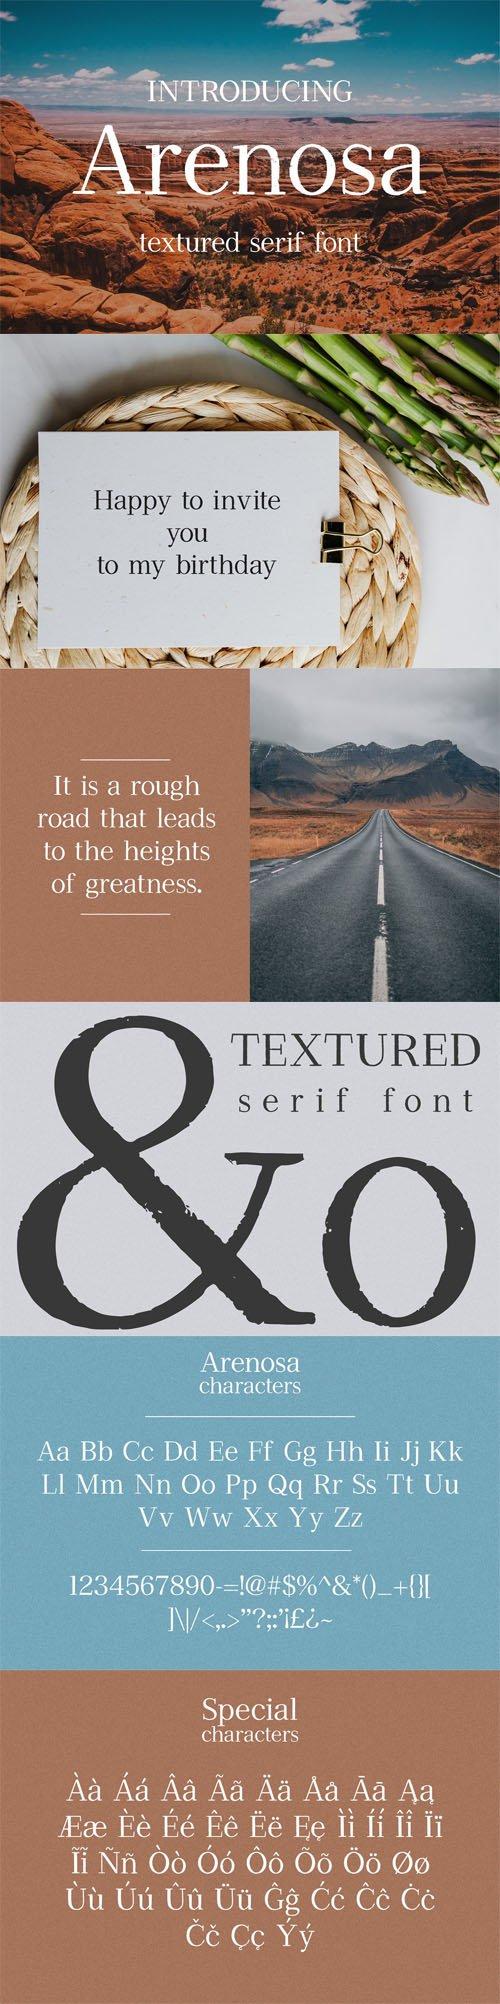 Arenosa - Textured Serif Font